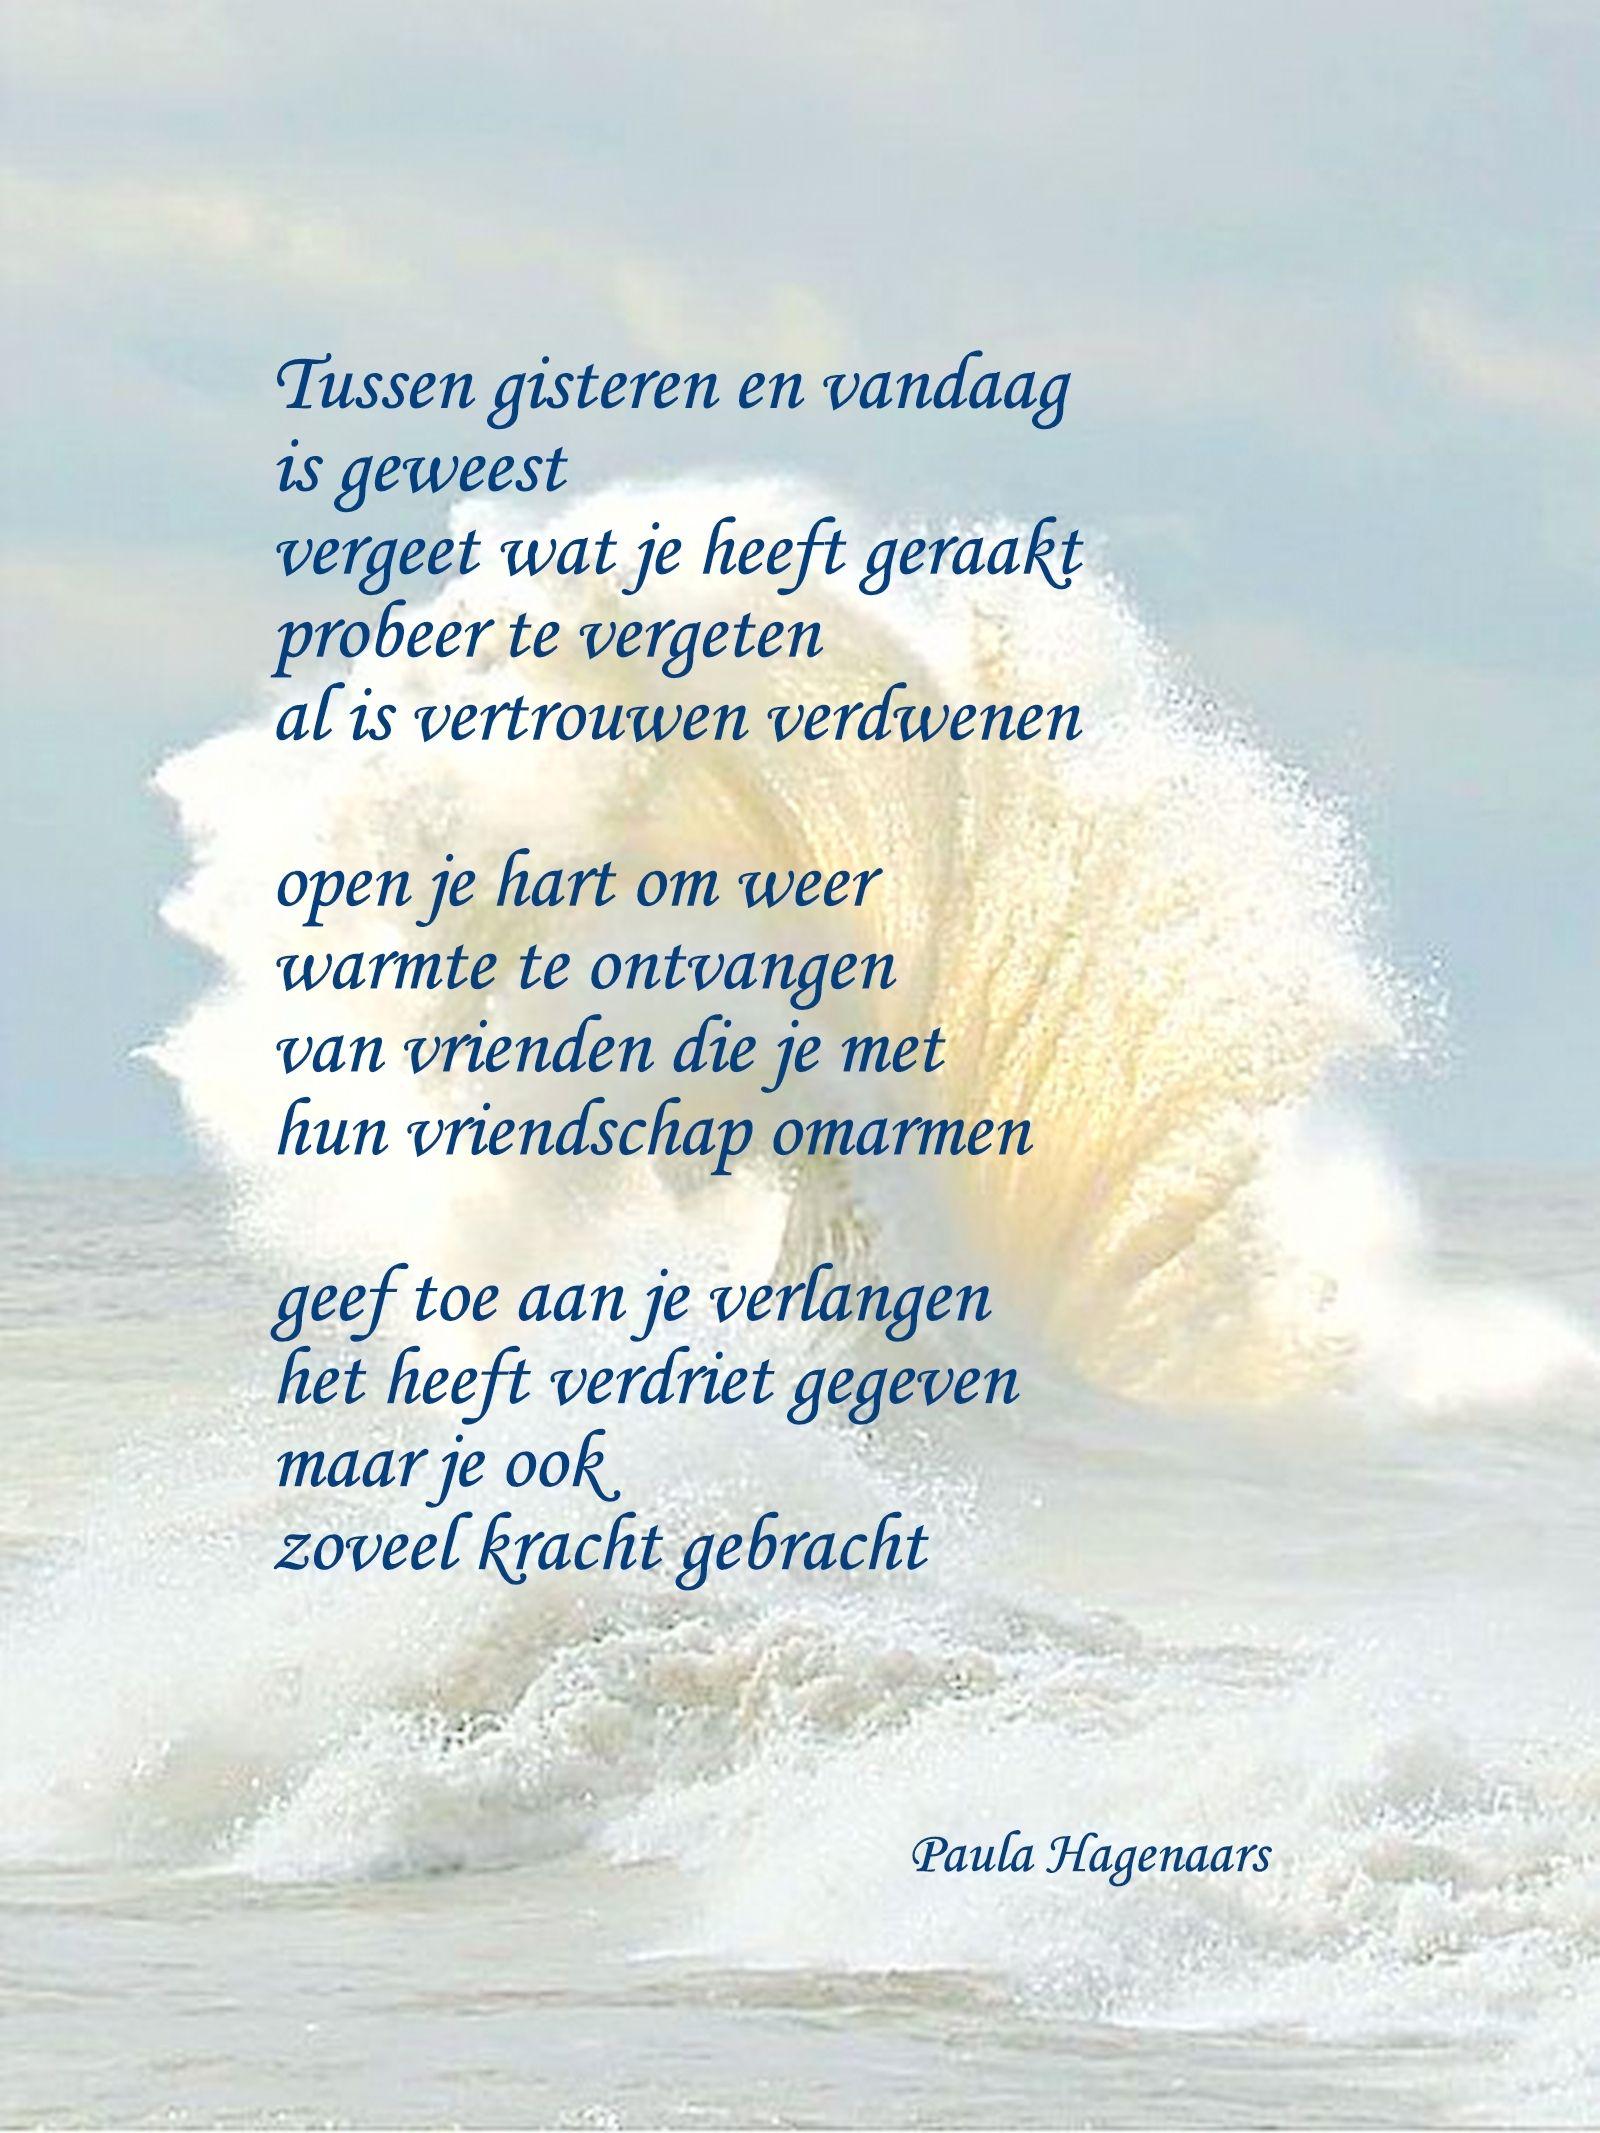 Citaten Uit Gedichten : Gedichten paula hagenaars teksten poems lyric quotes